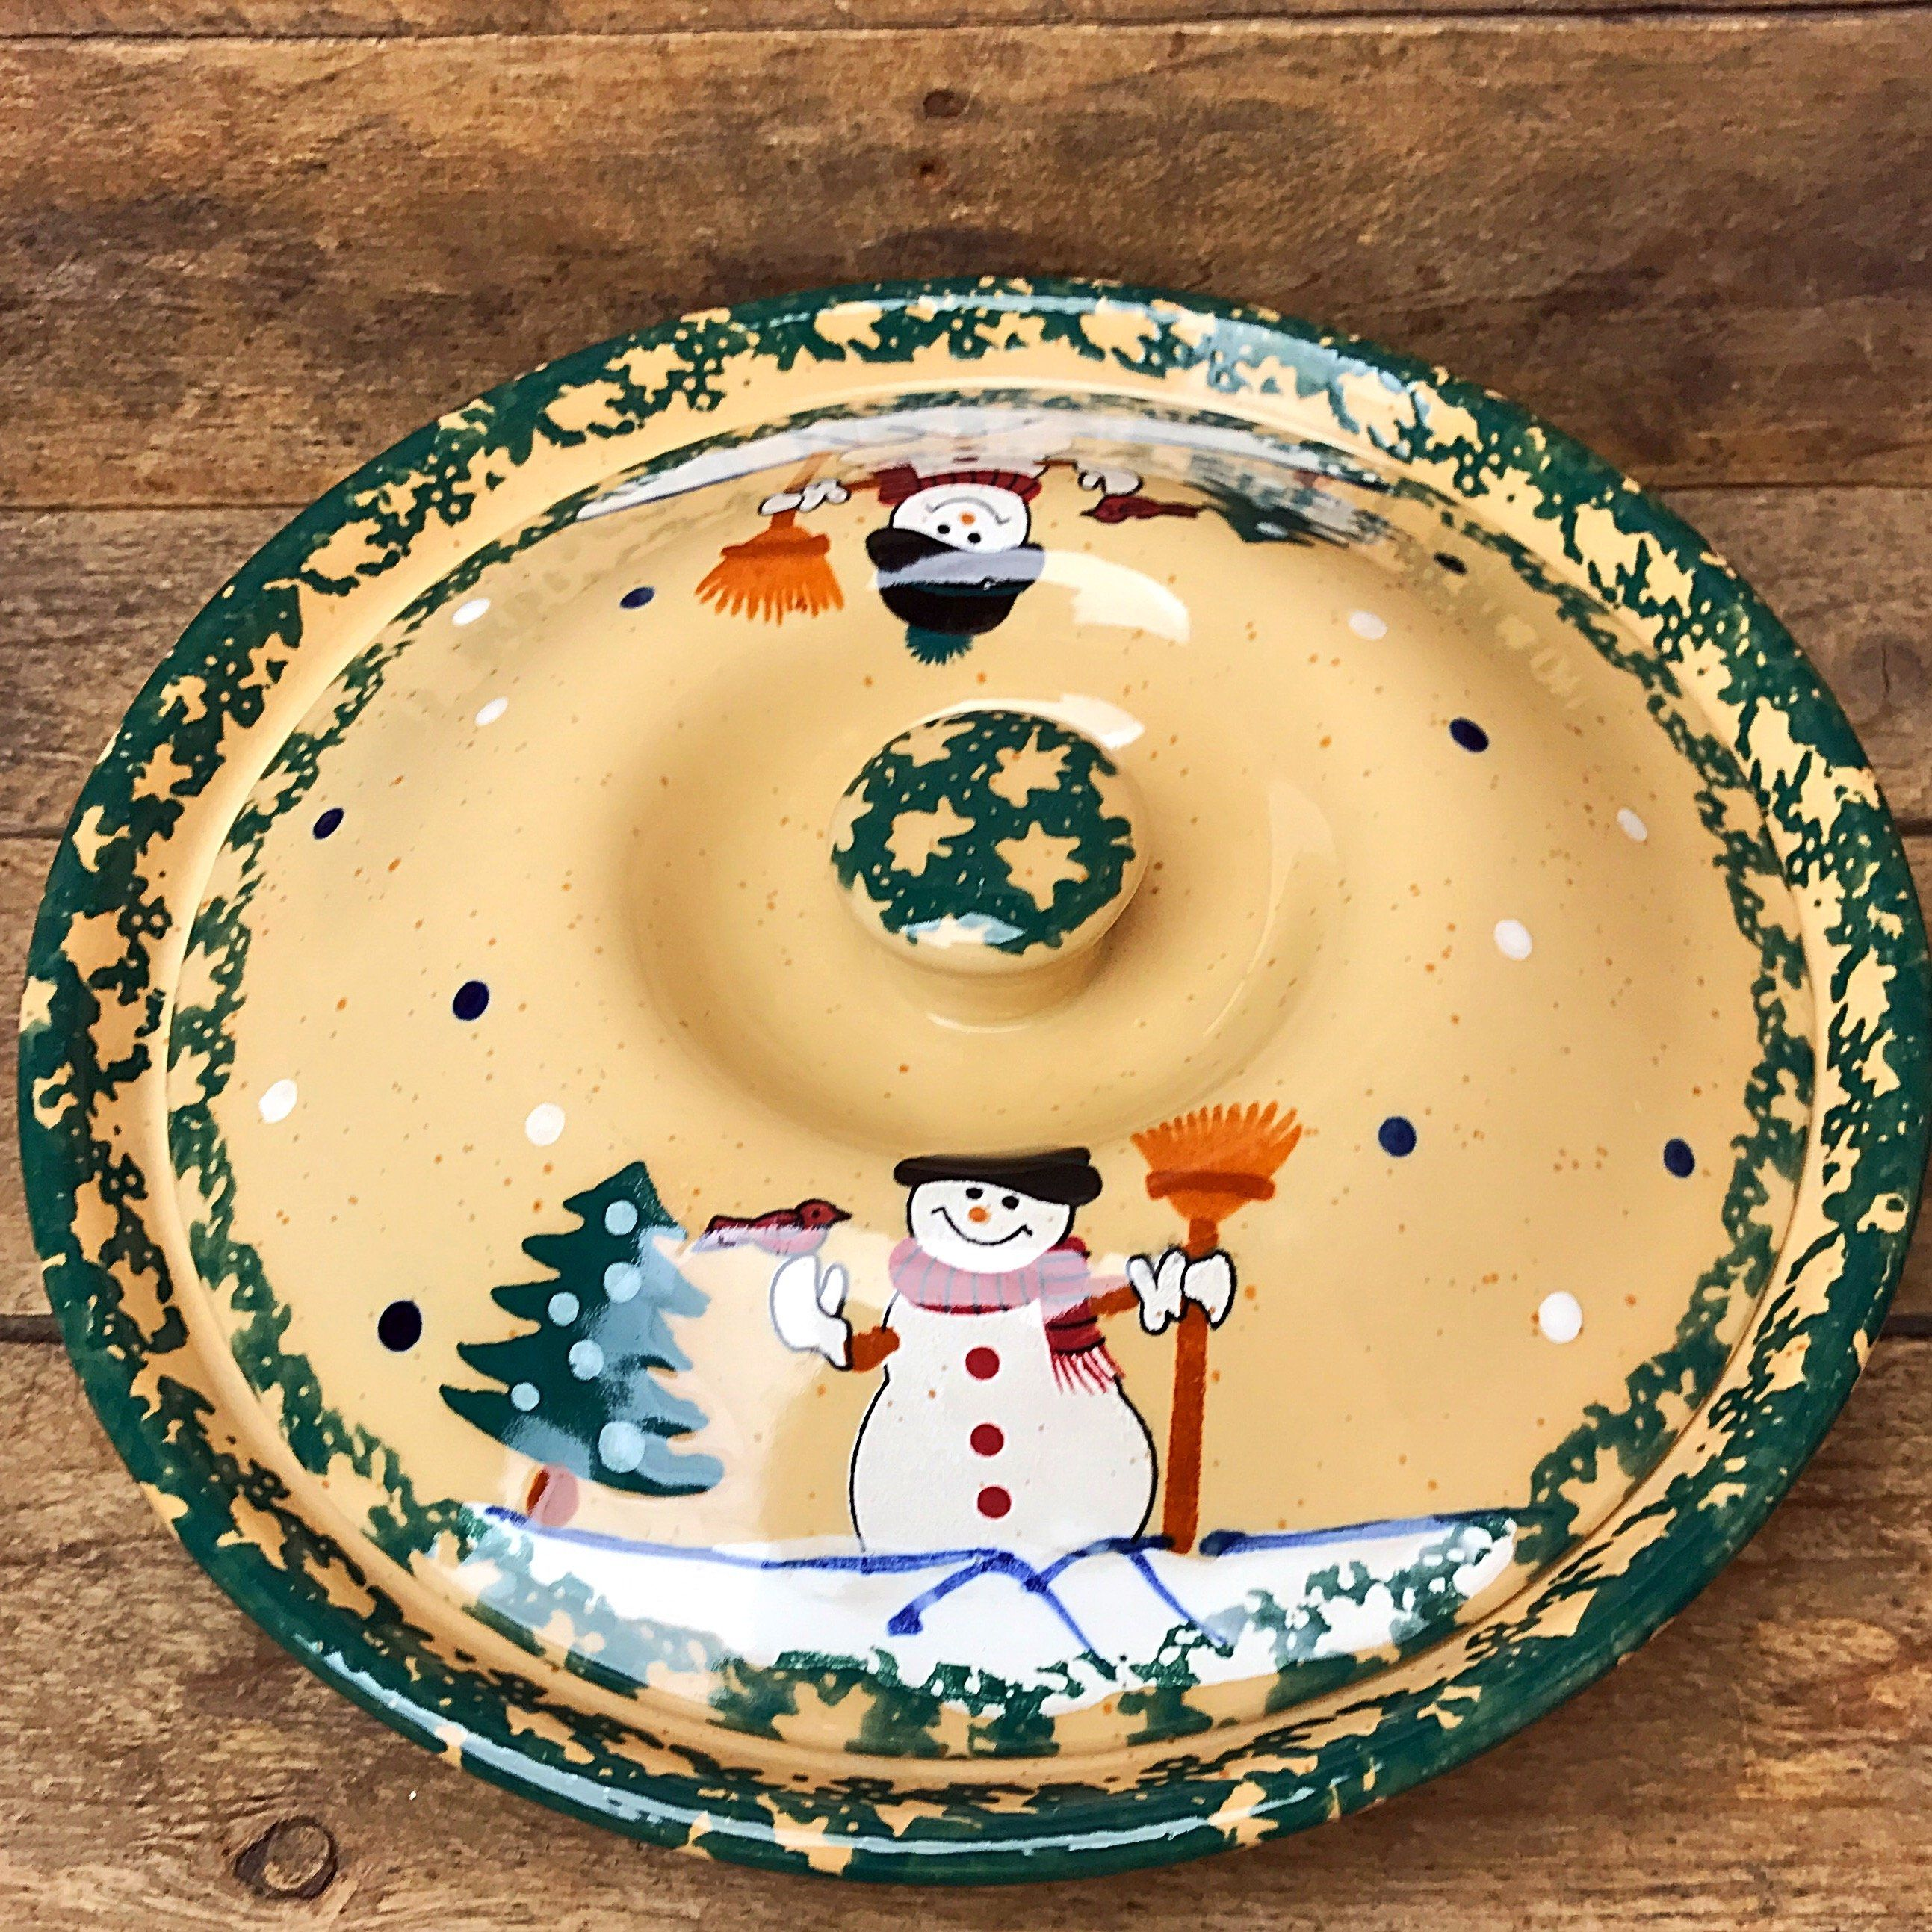 Spongeware Snowman Lidded Stoneware Pie Plate  sc 1 st  Pinterest & Spongeware Snowman Lidded Stoneware Pie Plate | Pie plate Stoneware ...